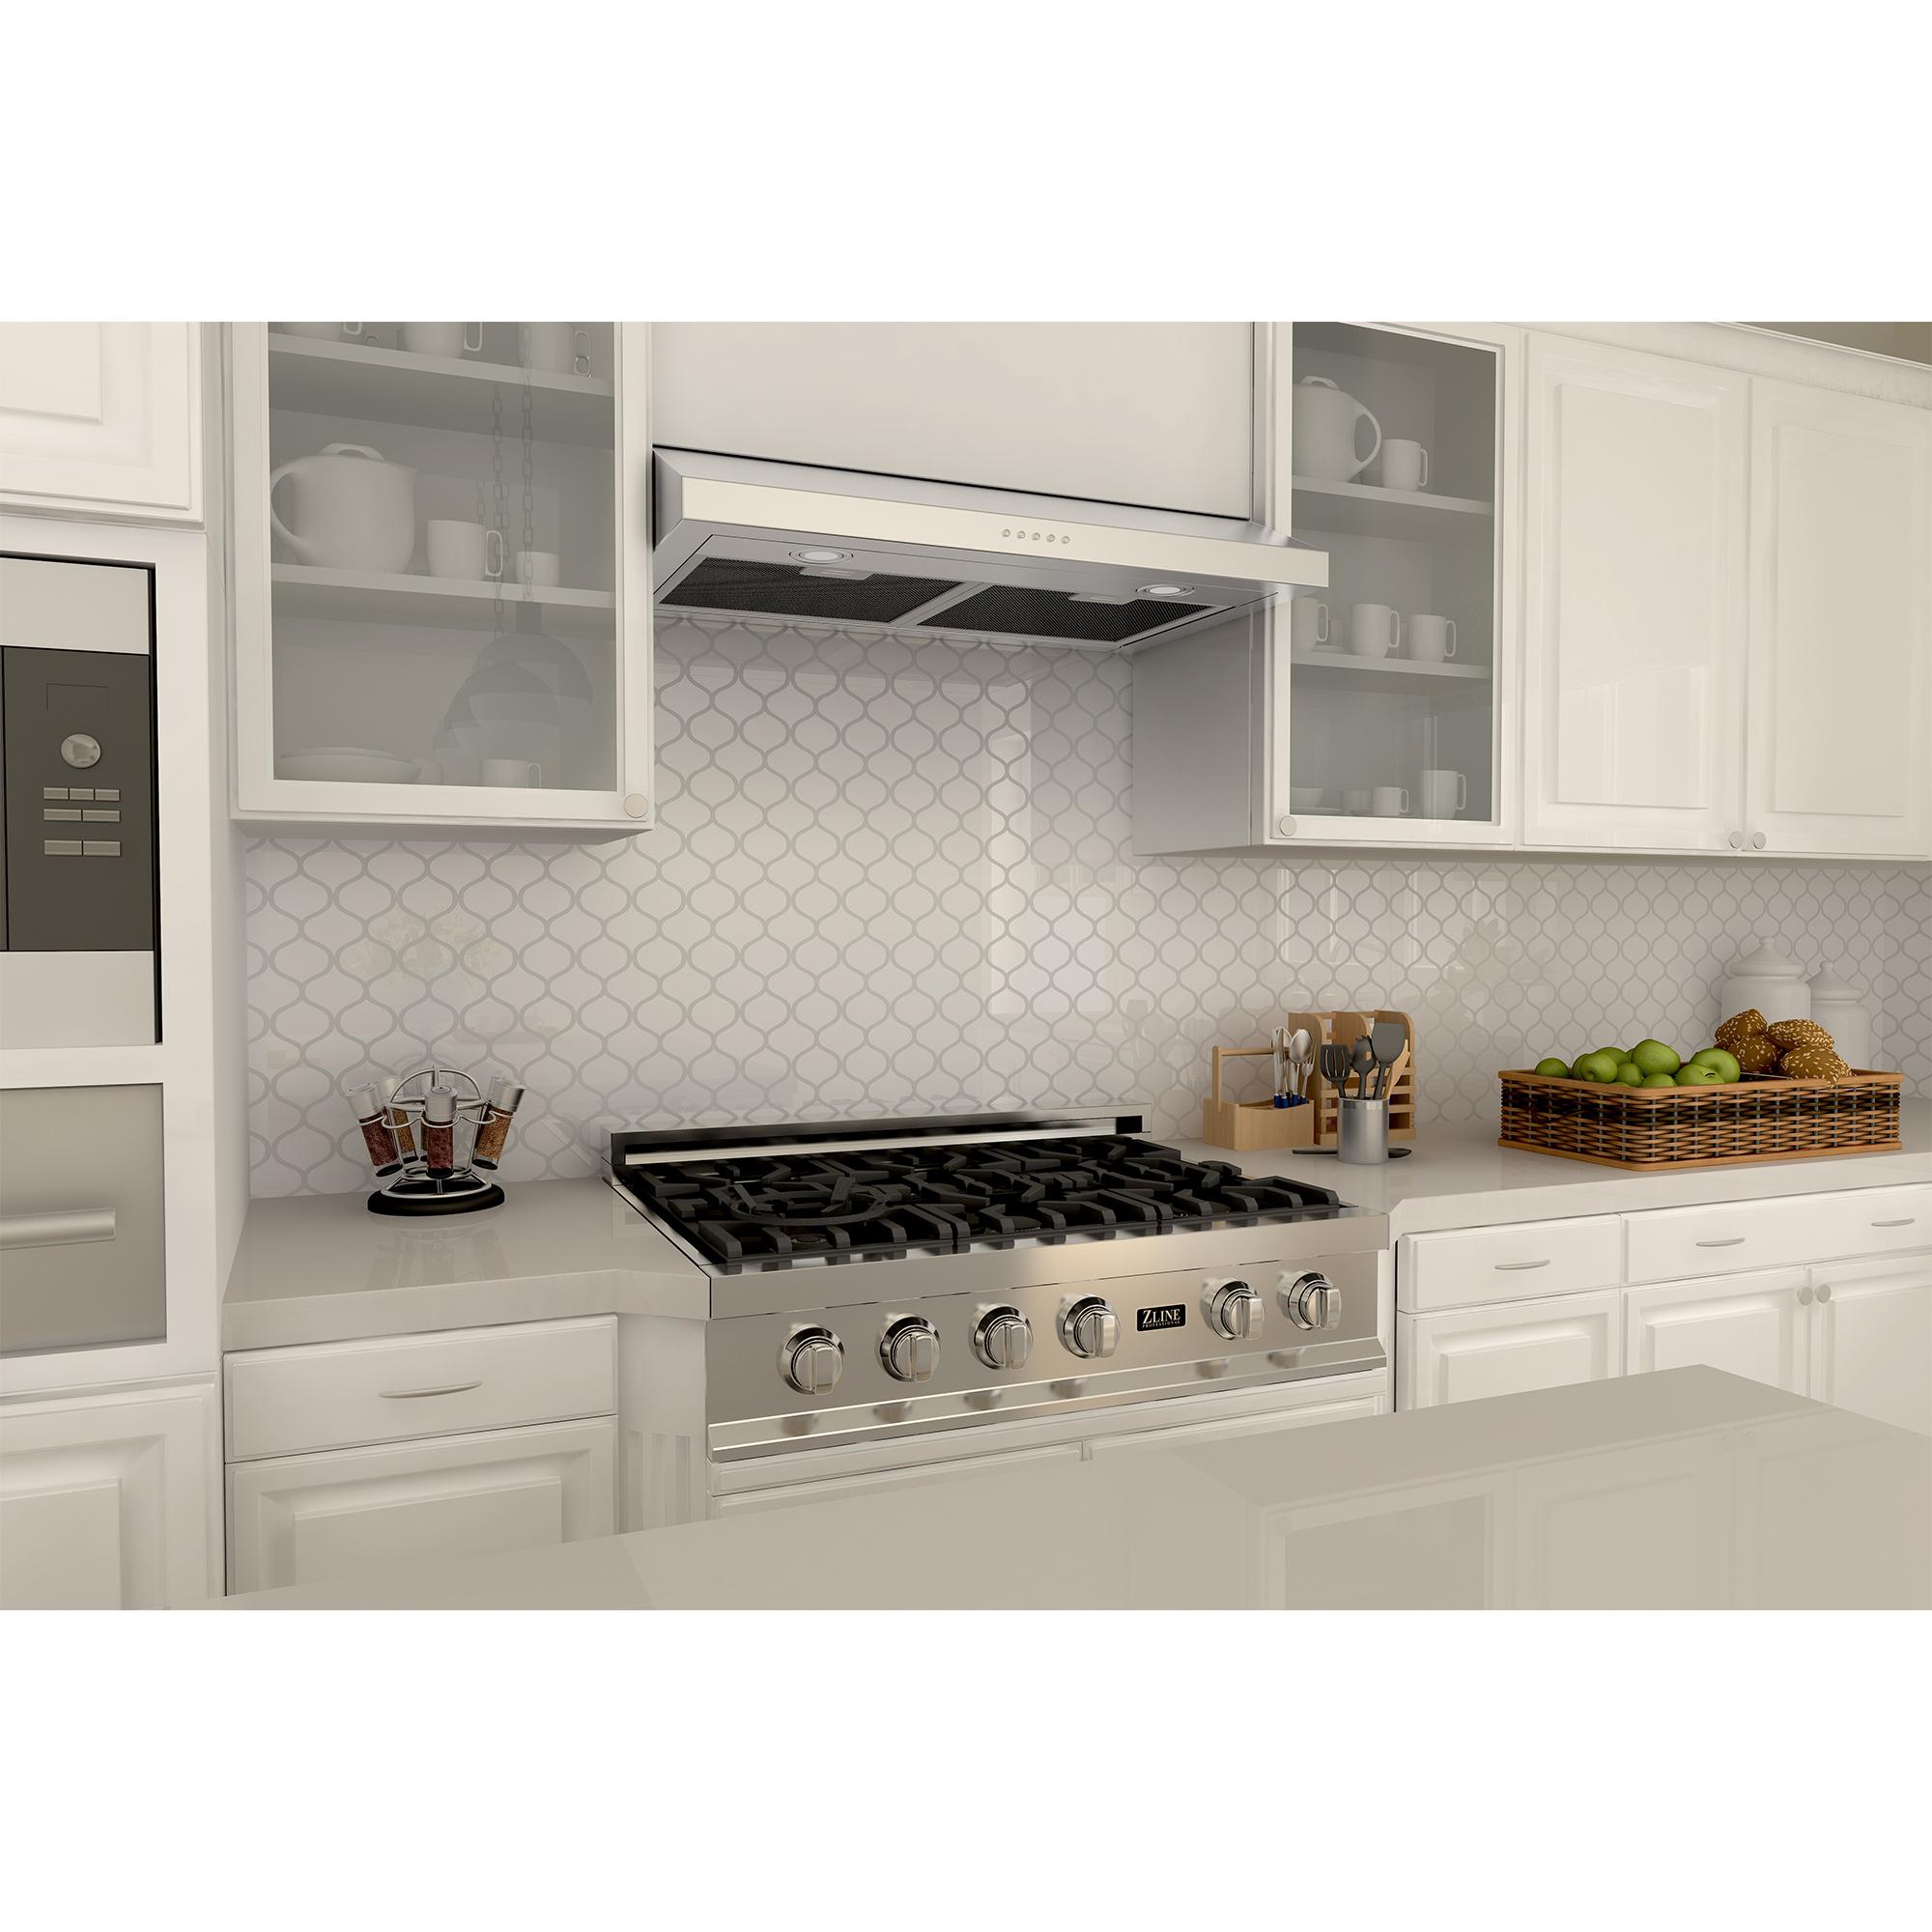 zline-stainless-steel-under-cabinet-range-hood-615-kitchen-updated-2.jpg